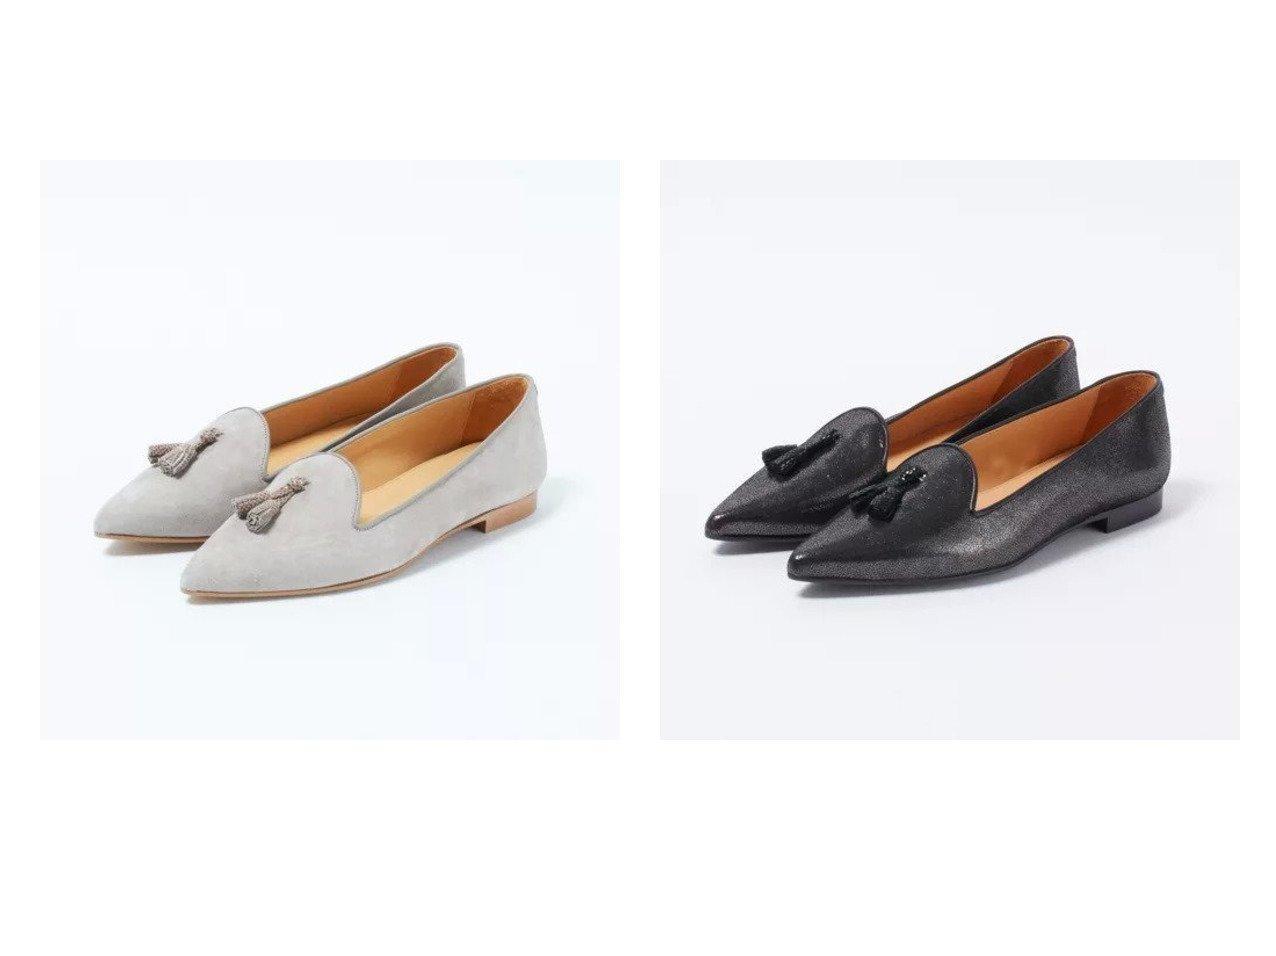 【CHATELLES/シャテル】のポインテッドトゥフラット(グレージュ)&ポインテッドトゥフラット(メタリックダークグレー) シューズ・靴のおすすめ!人気、トレンド・レディースファッションの通販 おすすめで人気の流行・トレンド、ファッションの通販商品 メンズファッション・キッズファッション・インテリア・家具・レディースファッション・服の通販 founy(ファニー) https://founy.com/ 雑誌掲載アイテム Magazine items ファッション雑誌 Fashion magazines エクラ eclat ファッション Fashion レディースファッション WOMEN コラボ 3月号 シューズ スエード 雑誌 バレエ パイピング フェミニン フラット 別注 メタリック |ID:crp329100000022547